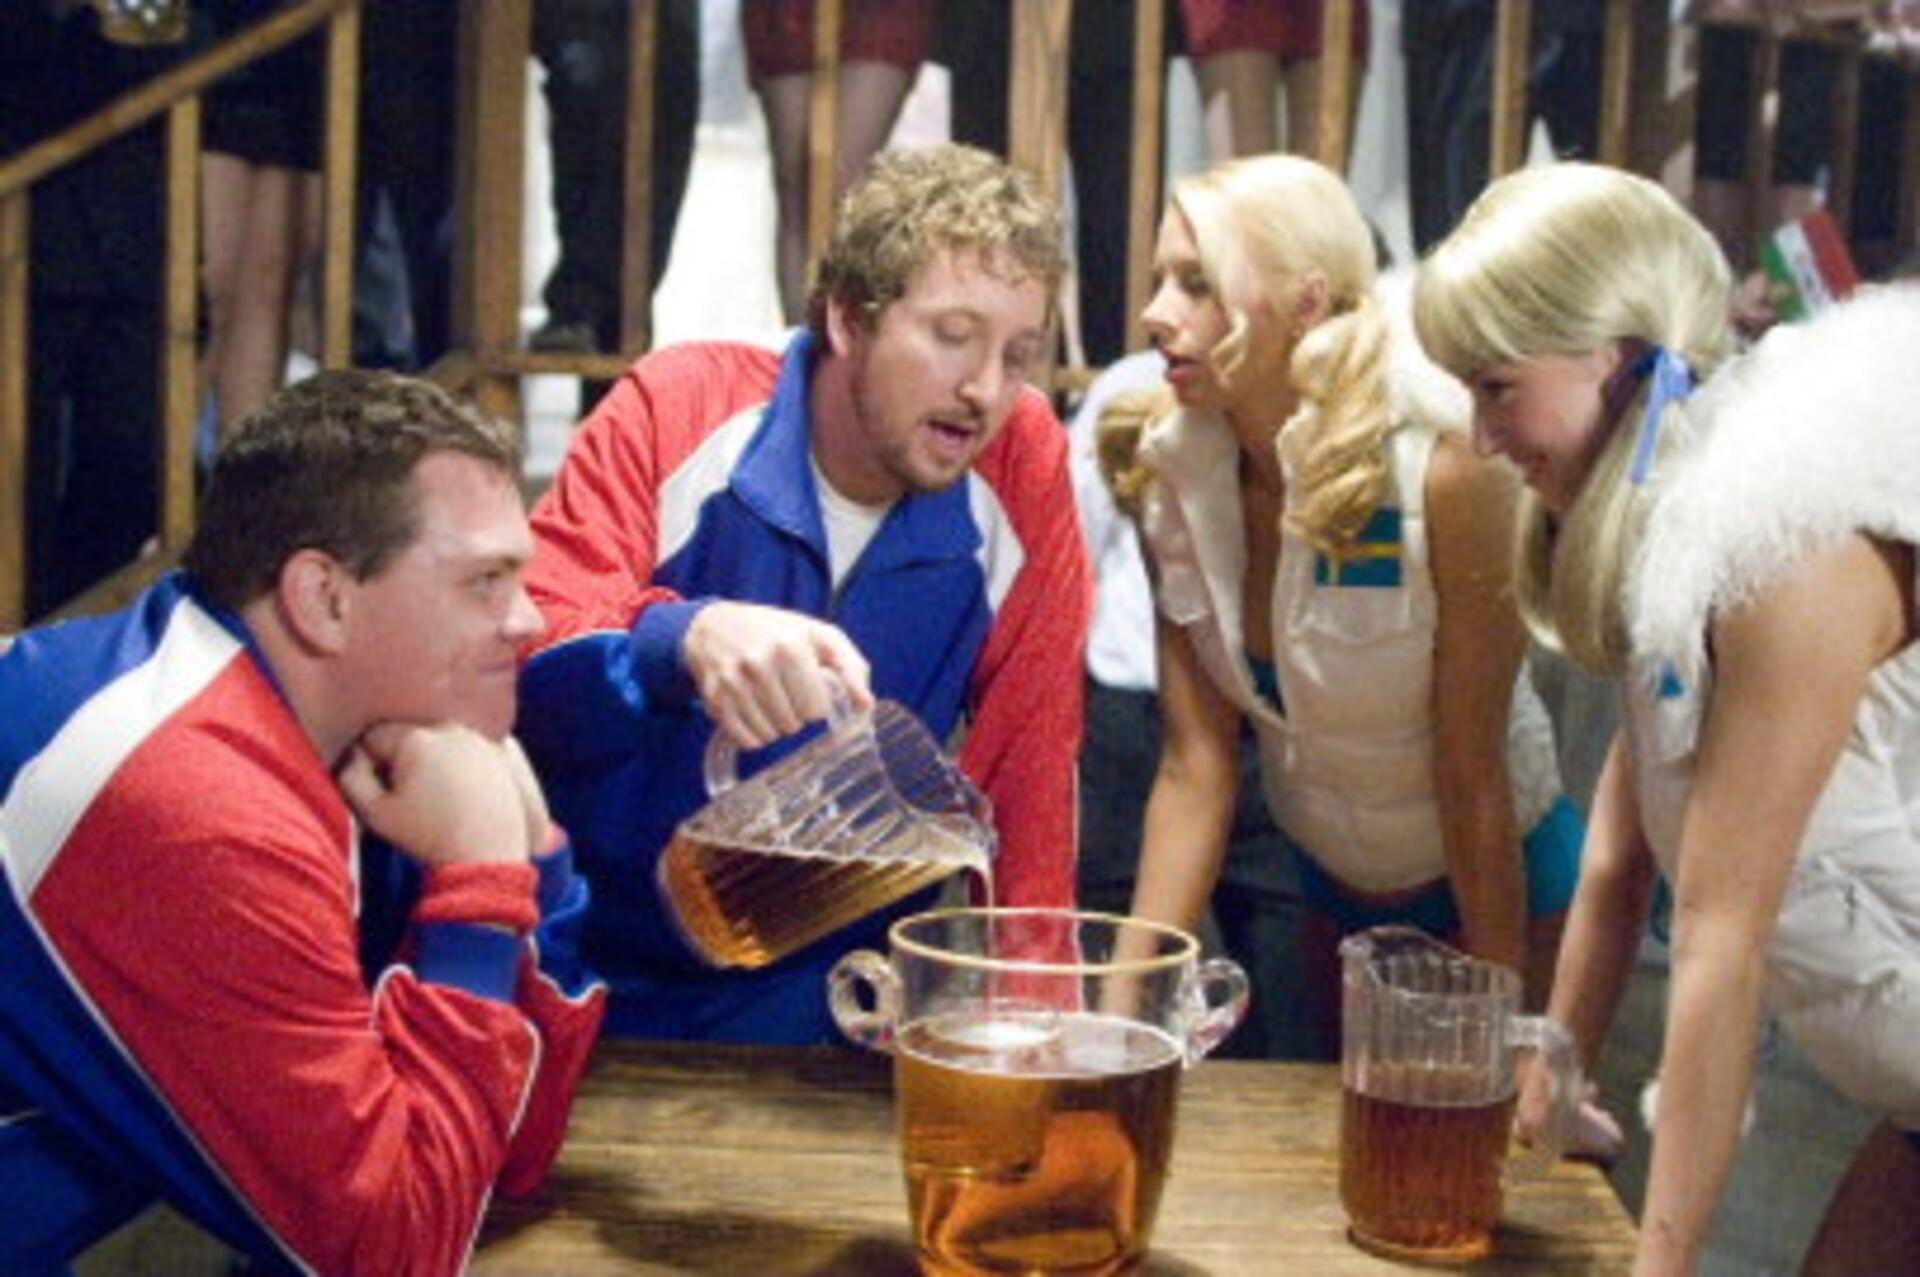 Beerfest - Image 14